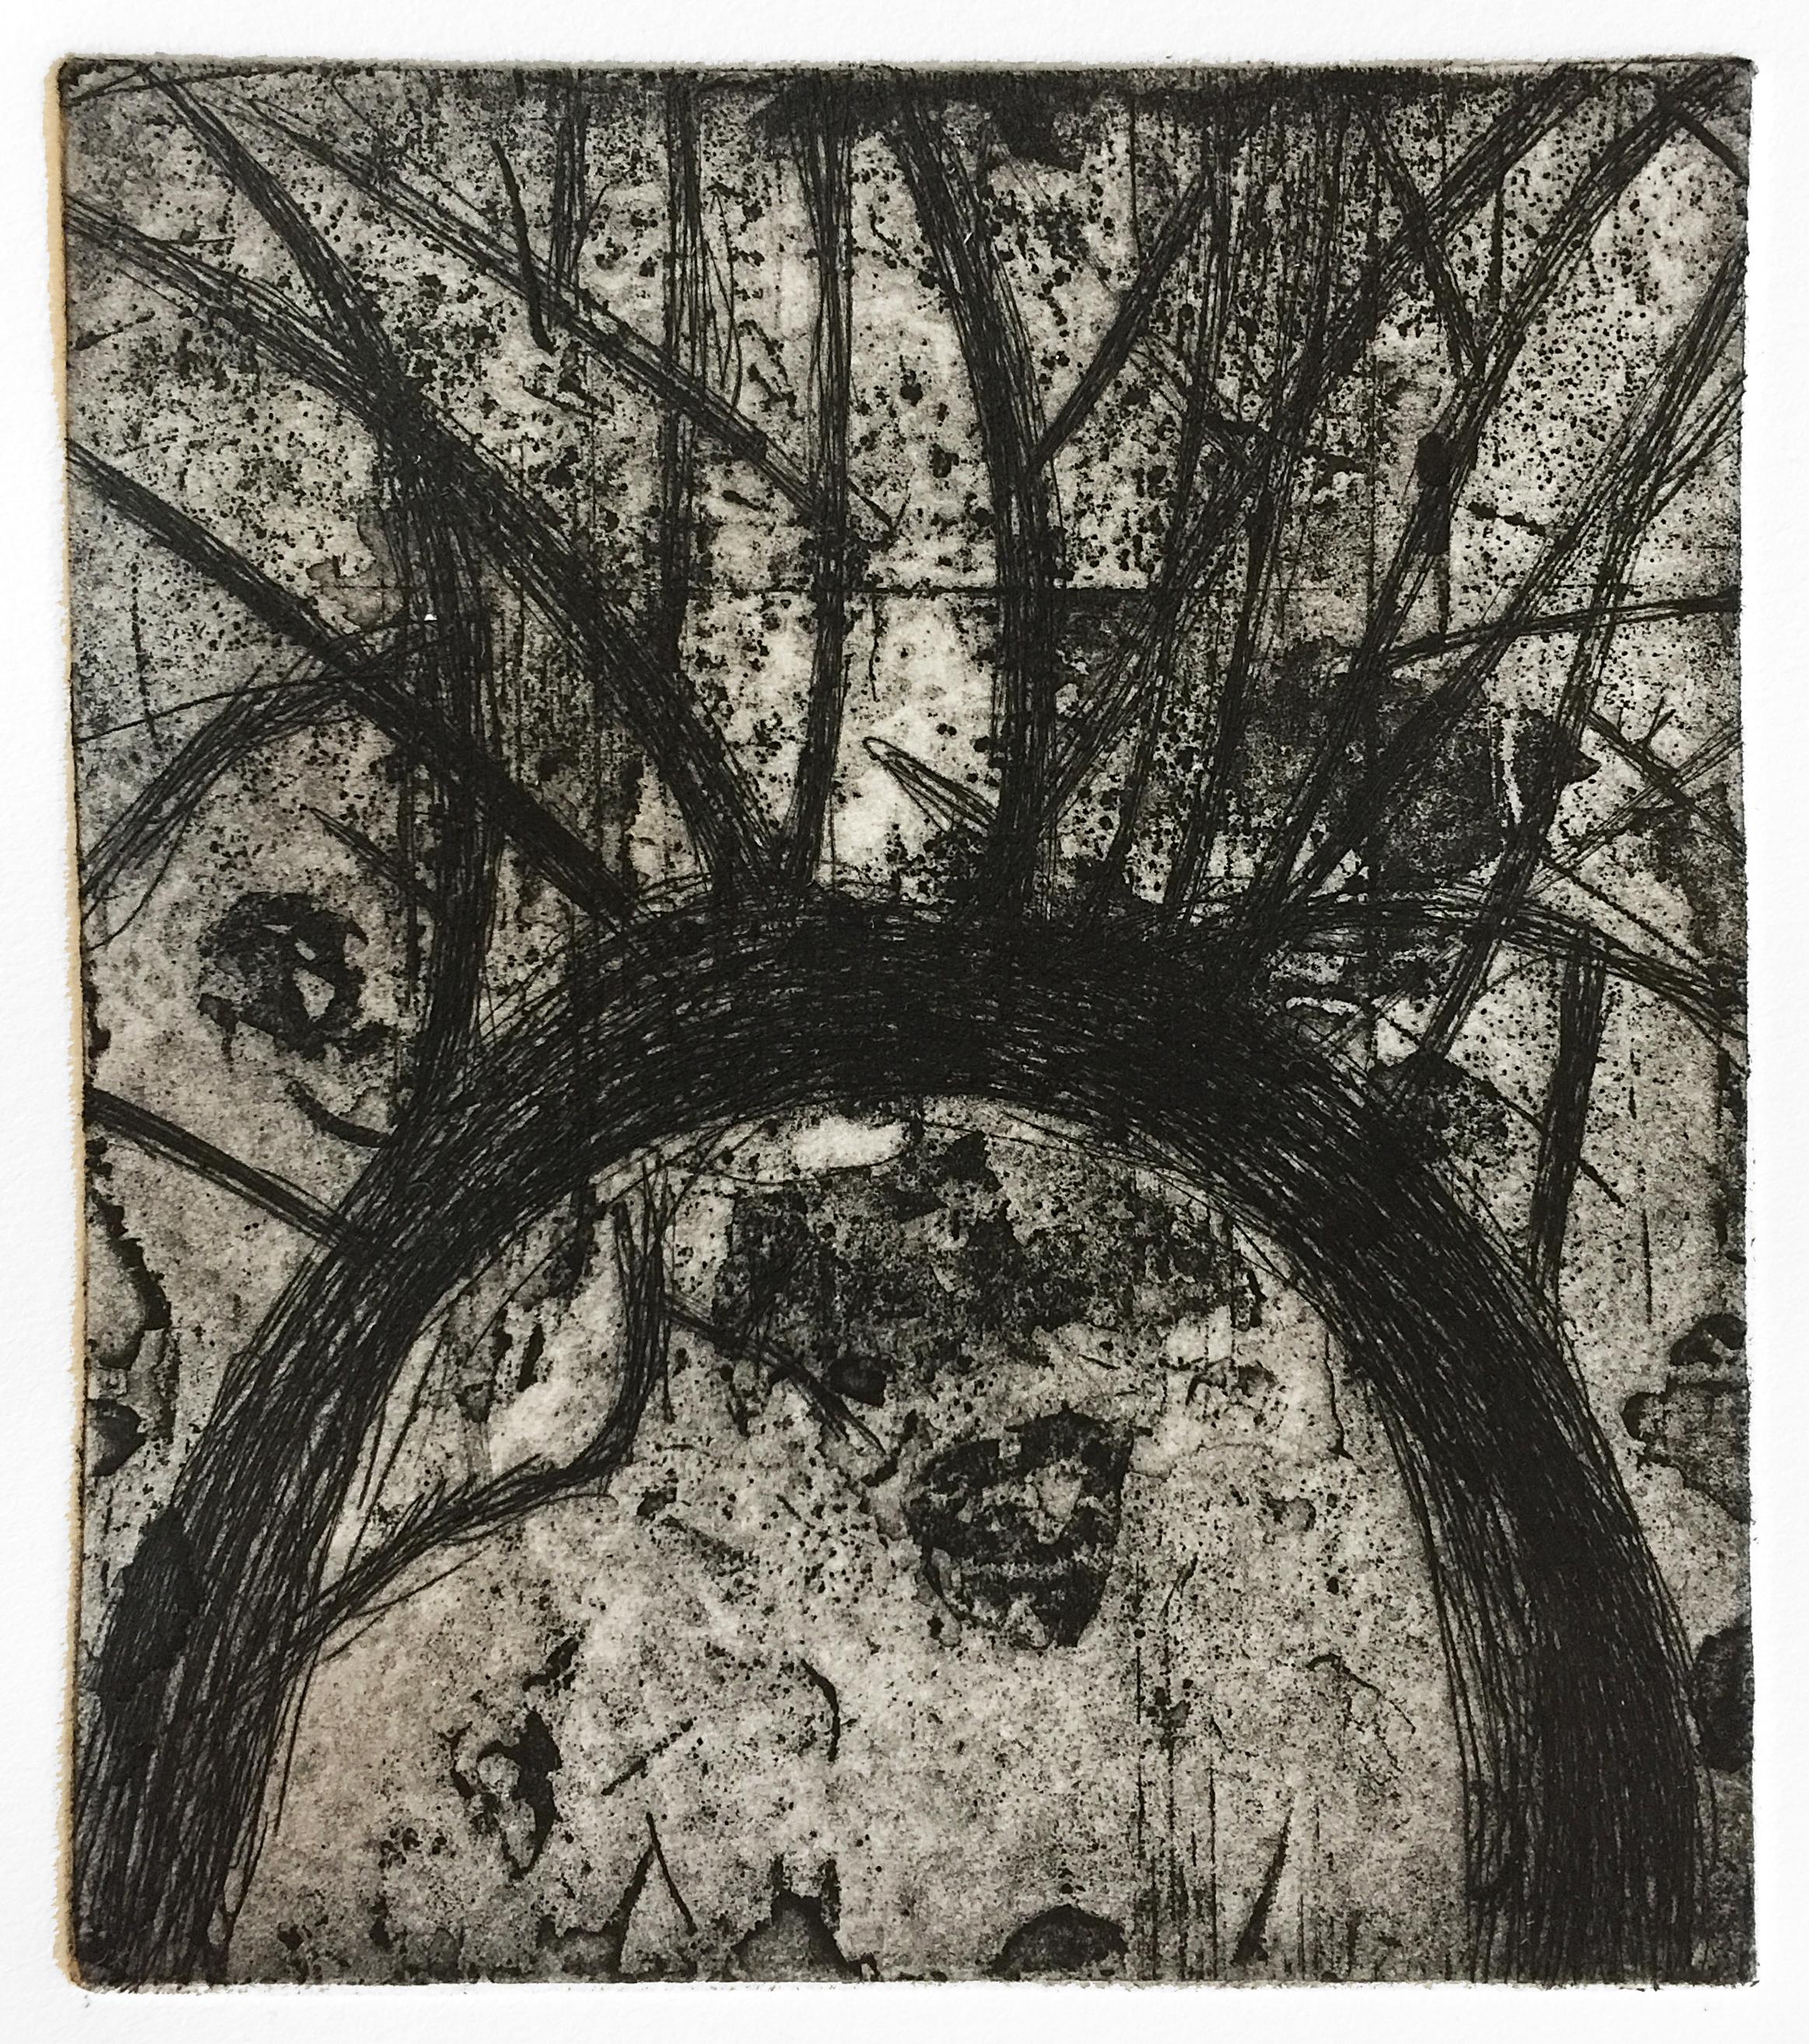 Arch (Nocturnes), 2018